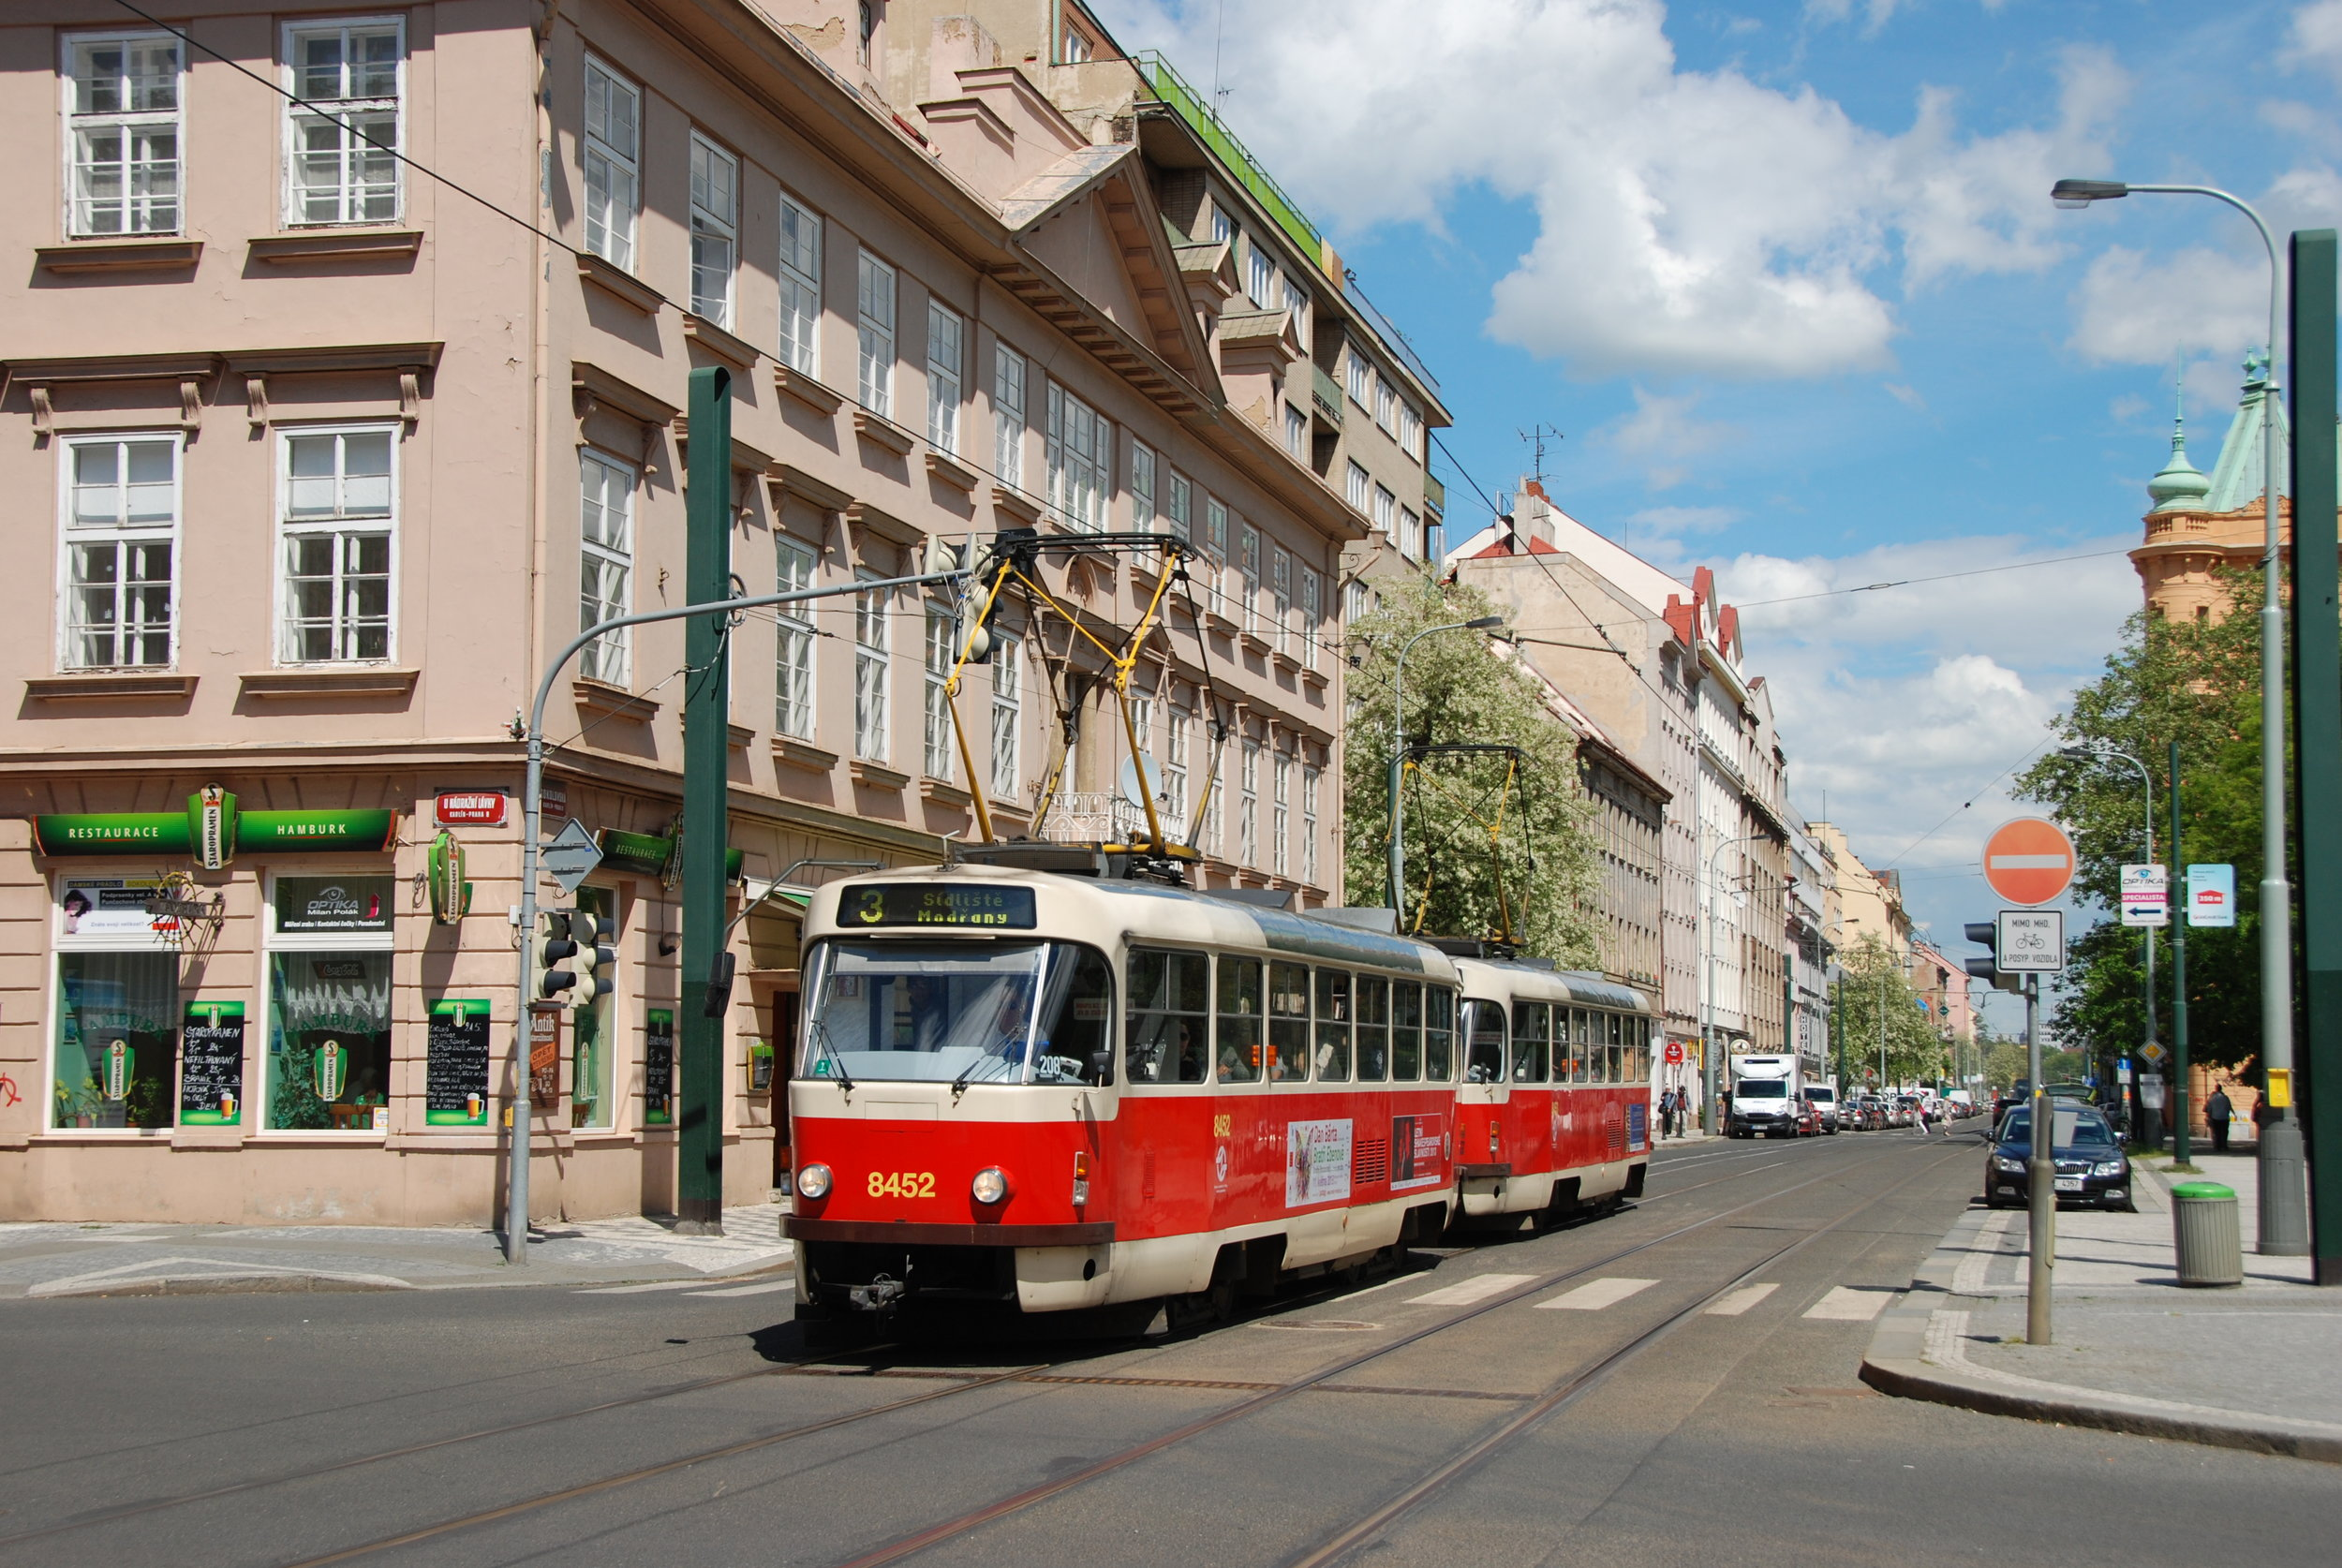 Pokud se plány města vydaří, přibudou nejen kilometry tratí, ale i nová vozovna. V ní by měly být deponovány tramvaje, jejichž nákup si výstavba tramvajových tratí vynutí. (foto: Libor Hinčica)